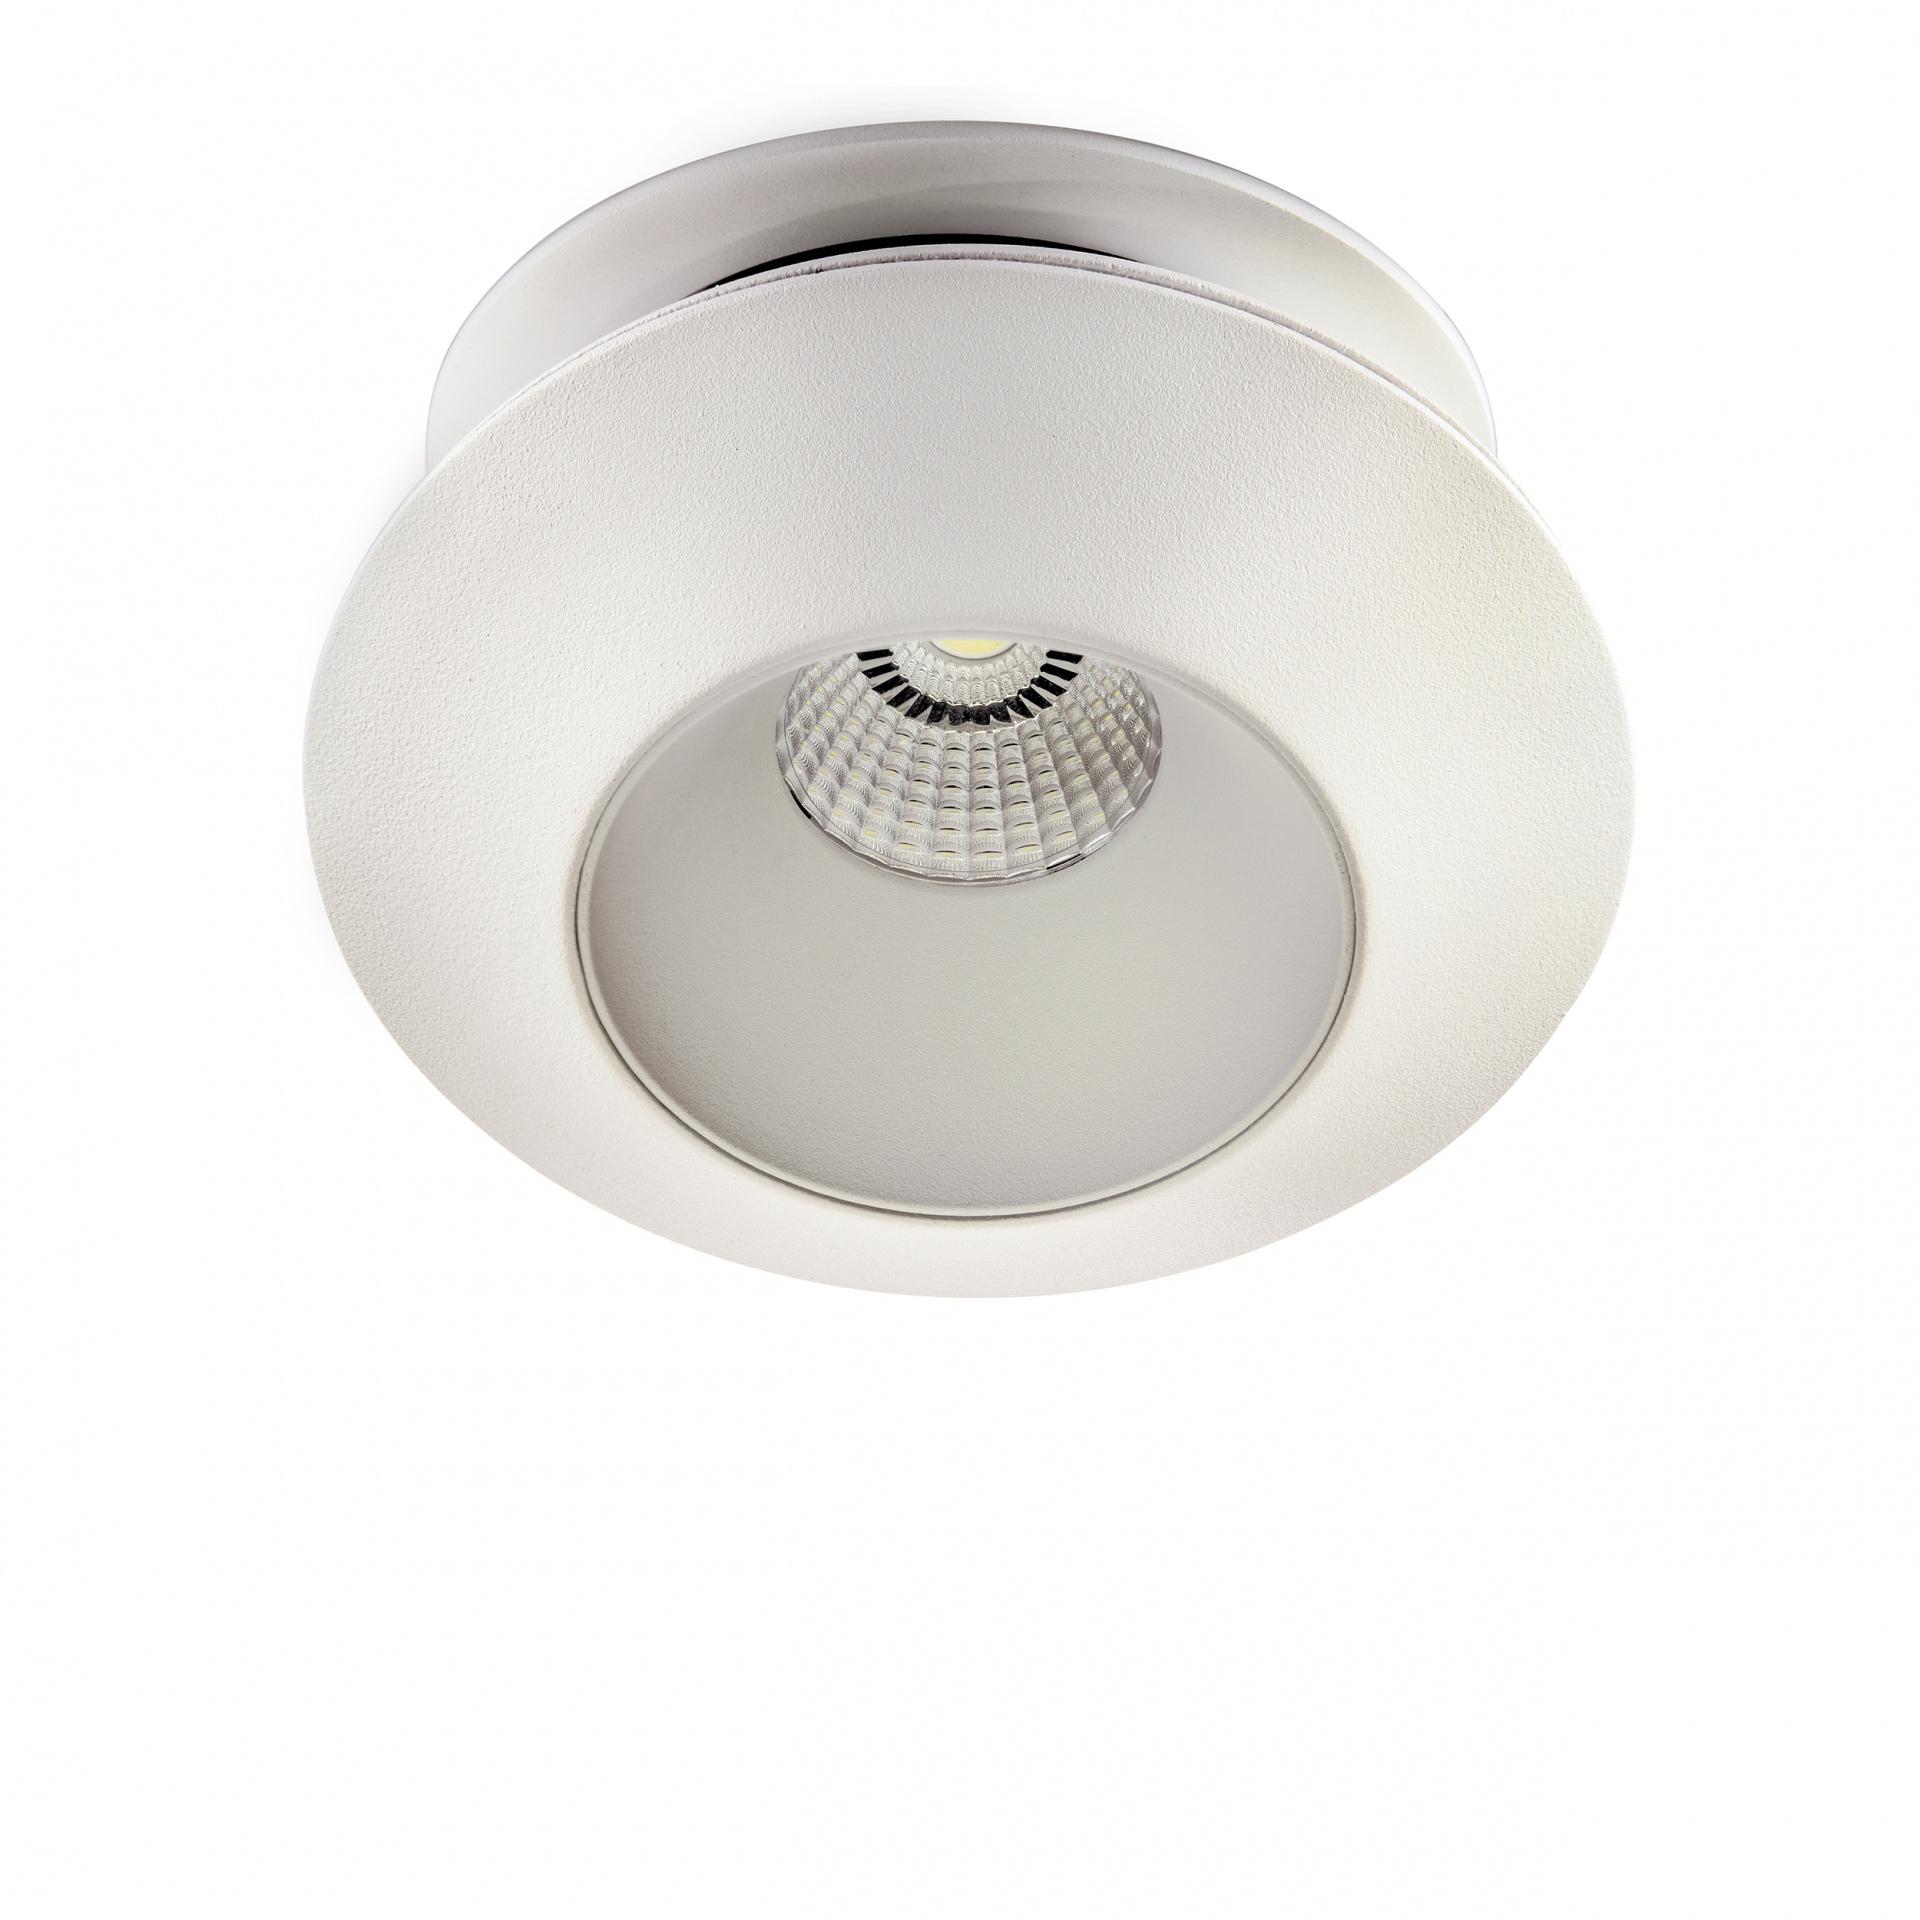 Светильник Orbe LED 15W 1240LM 60G белый 4000K Lightstar 051206, купить в СПб, Москве, с доставкой, Санкт-Петербург, интернет-магазин люстр и светильников Starlight, фото в жизни